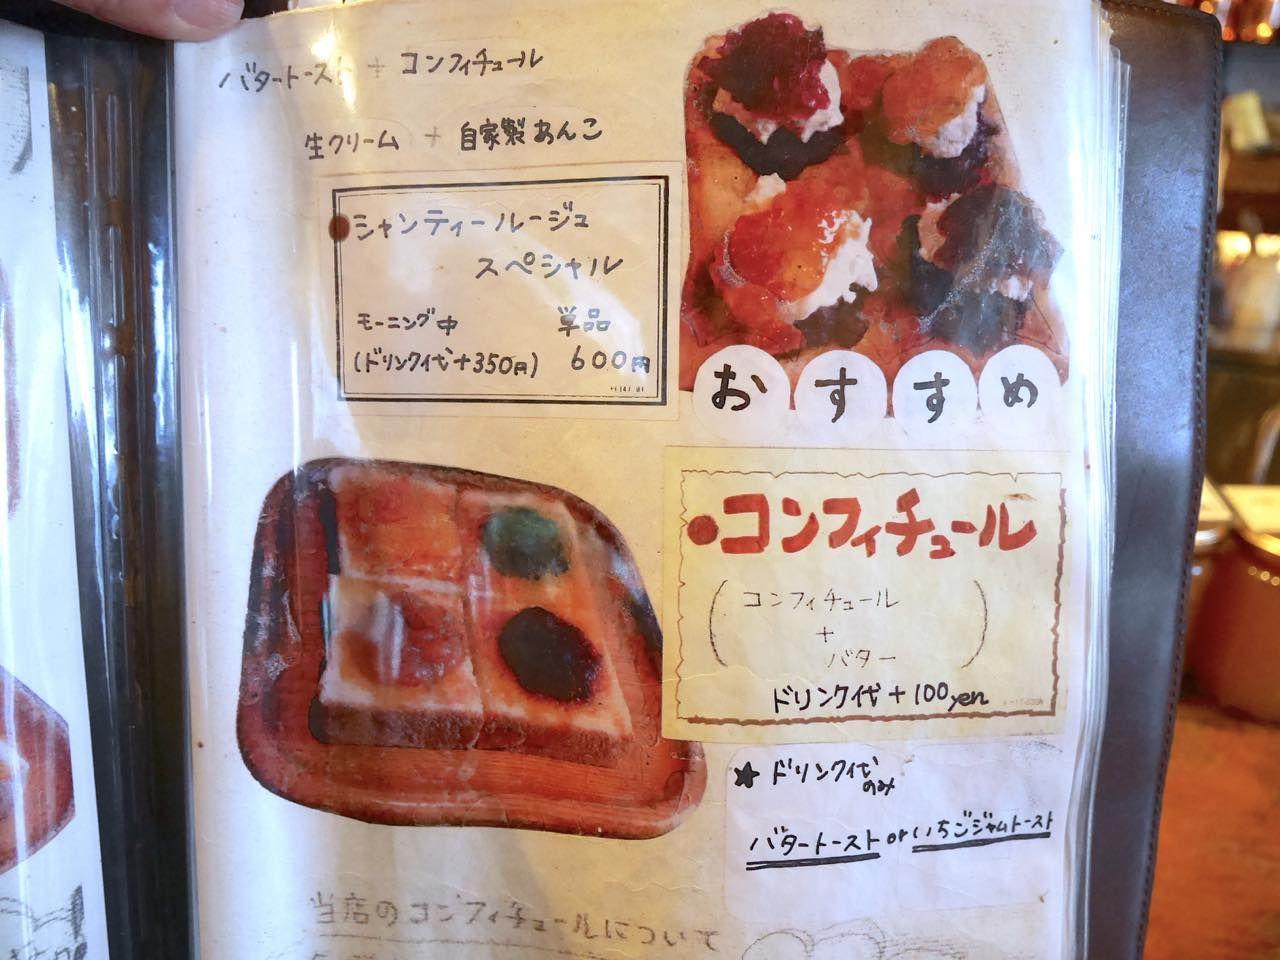 創業当時から作り続けている自家製ジャムのトーストが絶品